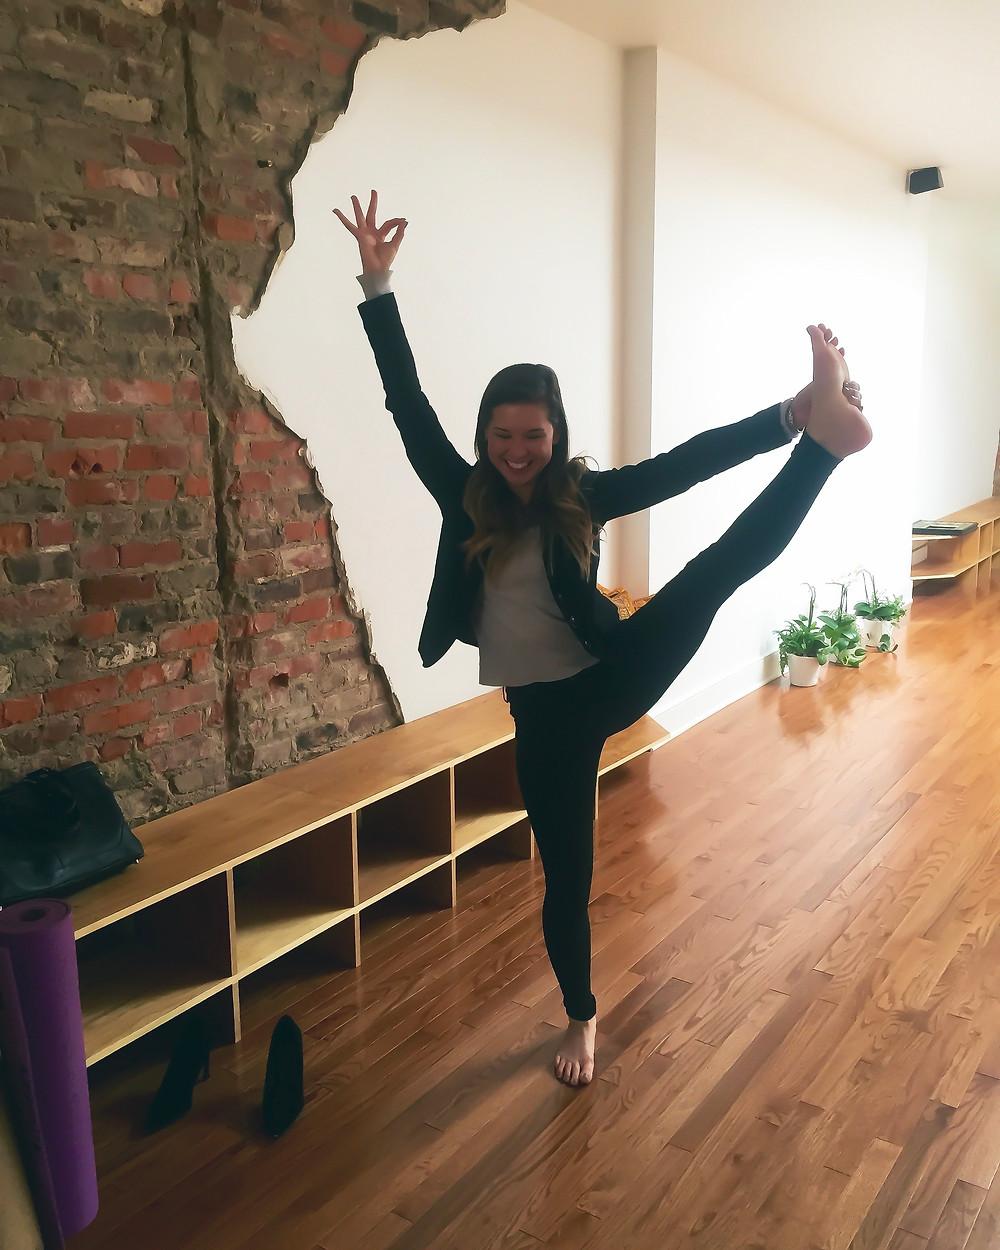 Kaitlynn Stone Tree Pose Saadia's Juicebox